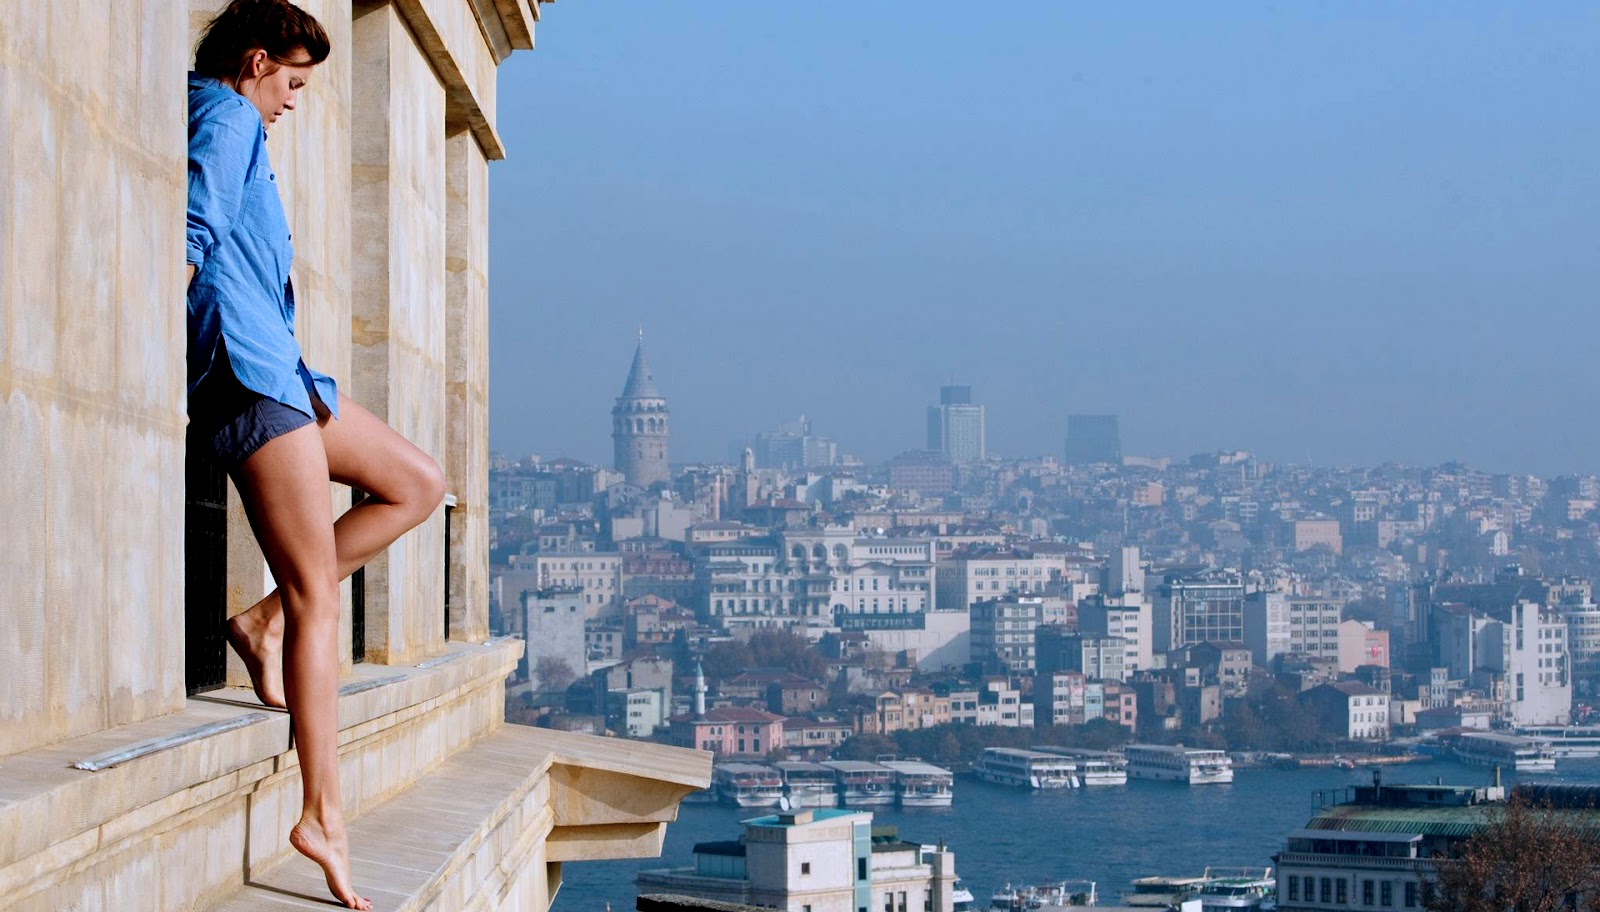 http://2.bp.blogspot.com/-F5UxR2tkBo4/UGymh2sbEtI/AAAAAAAACtY/w8lz7urapQ8/s1600/Taken+2-Maggie+Grace-Kim+In+Istanbul.jpg